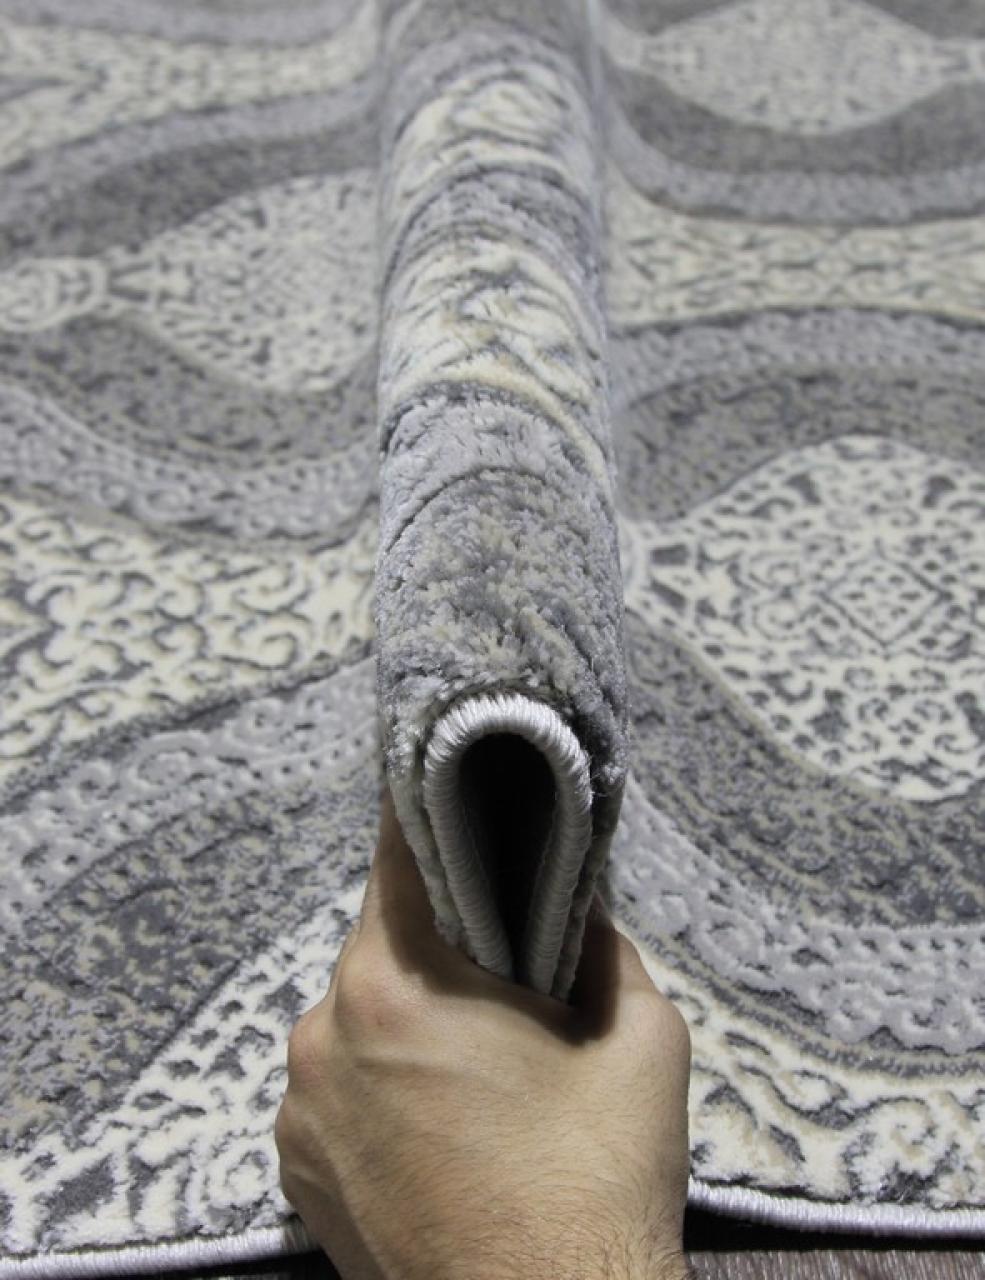 Ковер 17191 - 095 - Прямоугольник - коллекция THEMA - фото 2